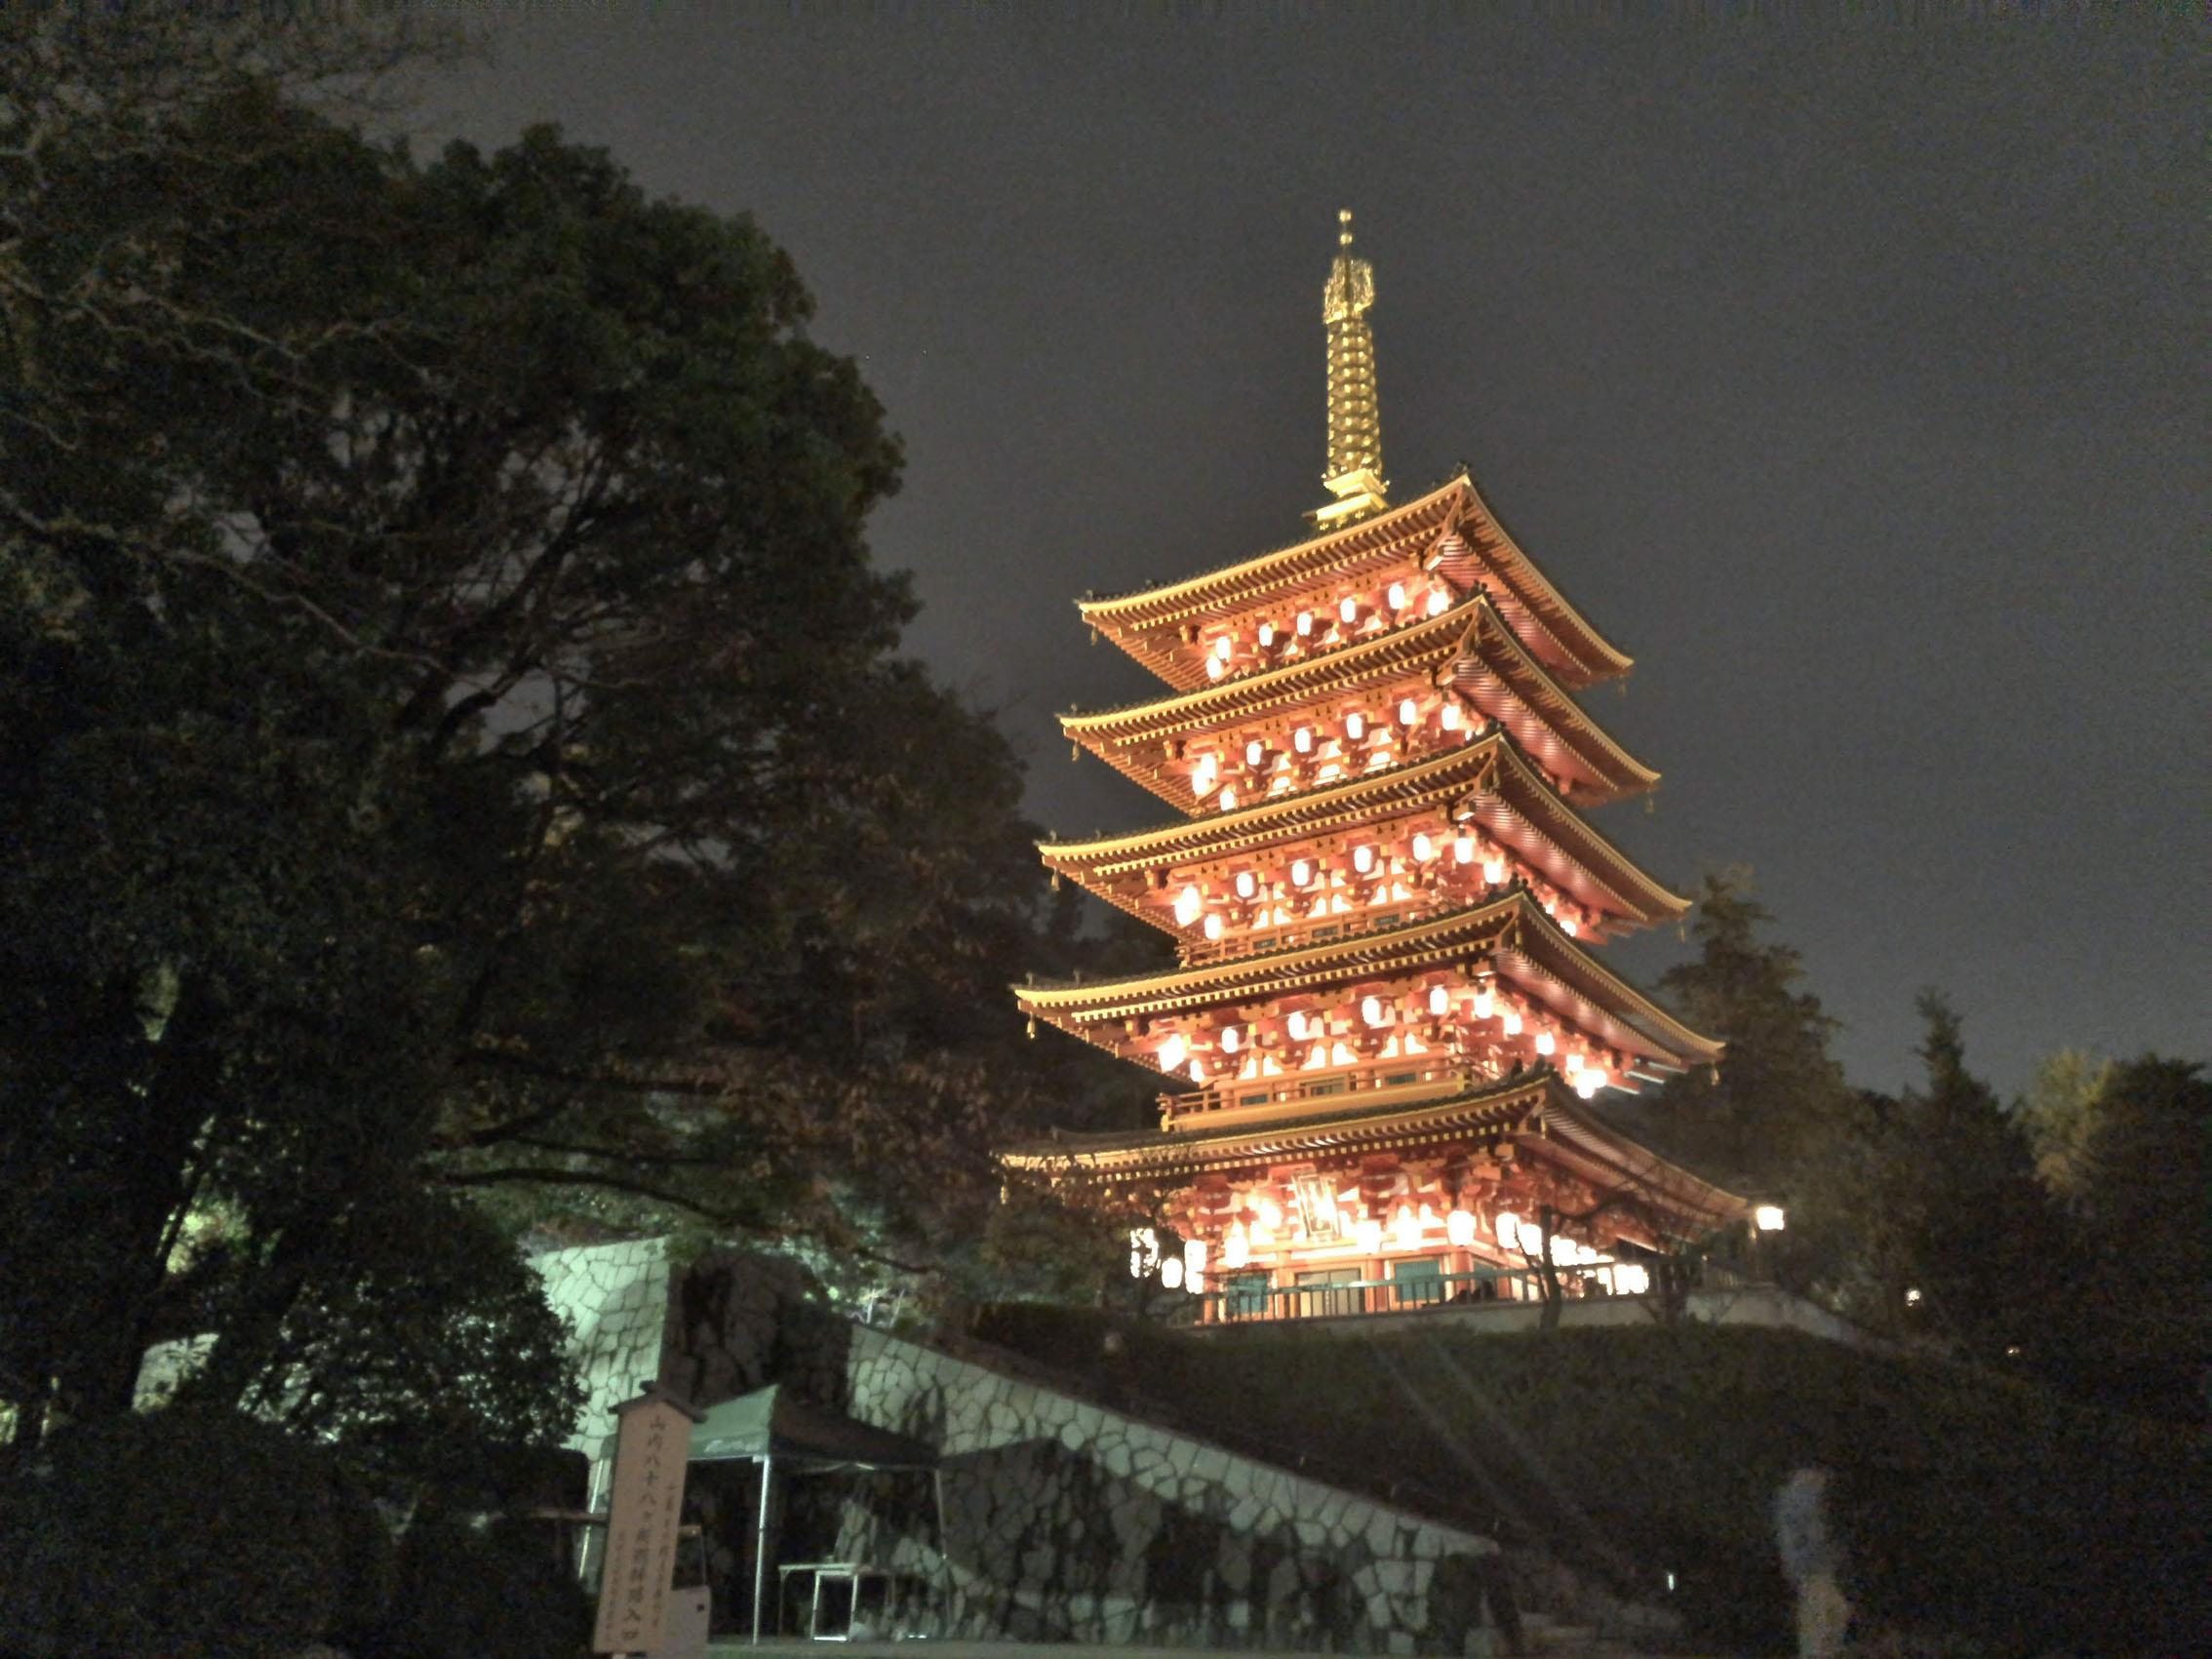 高幡不動尊金剛寺「もみじ祭りライトアップ」